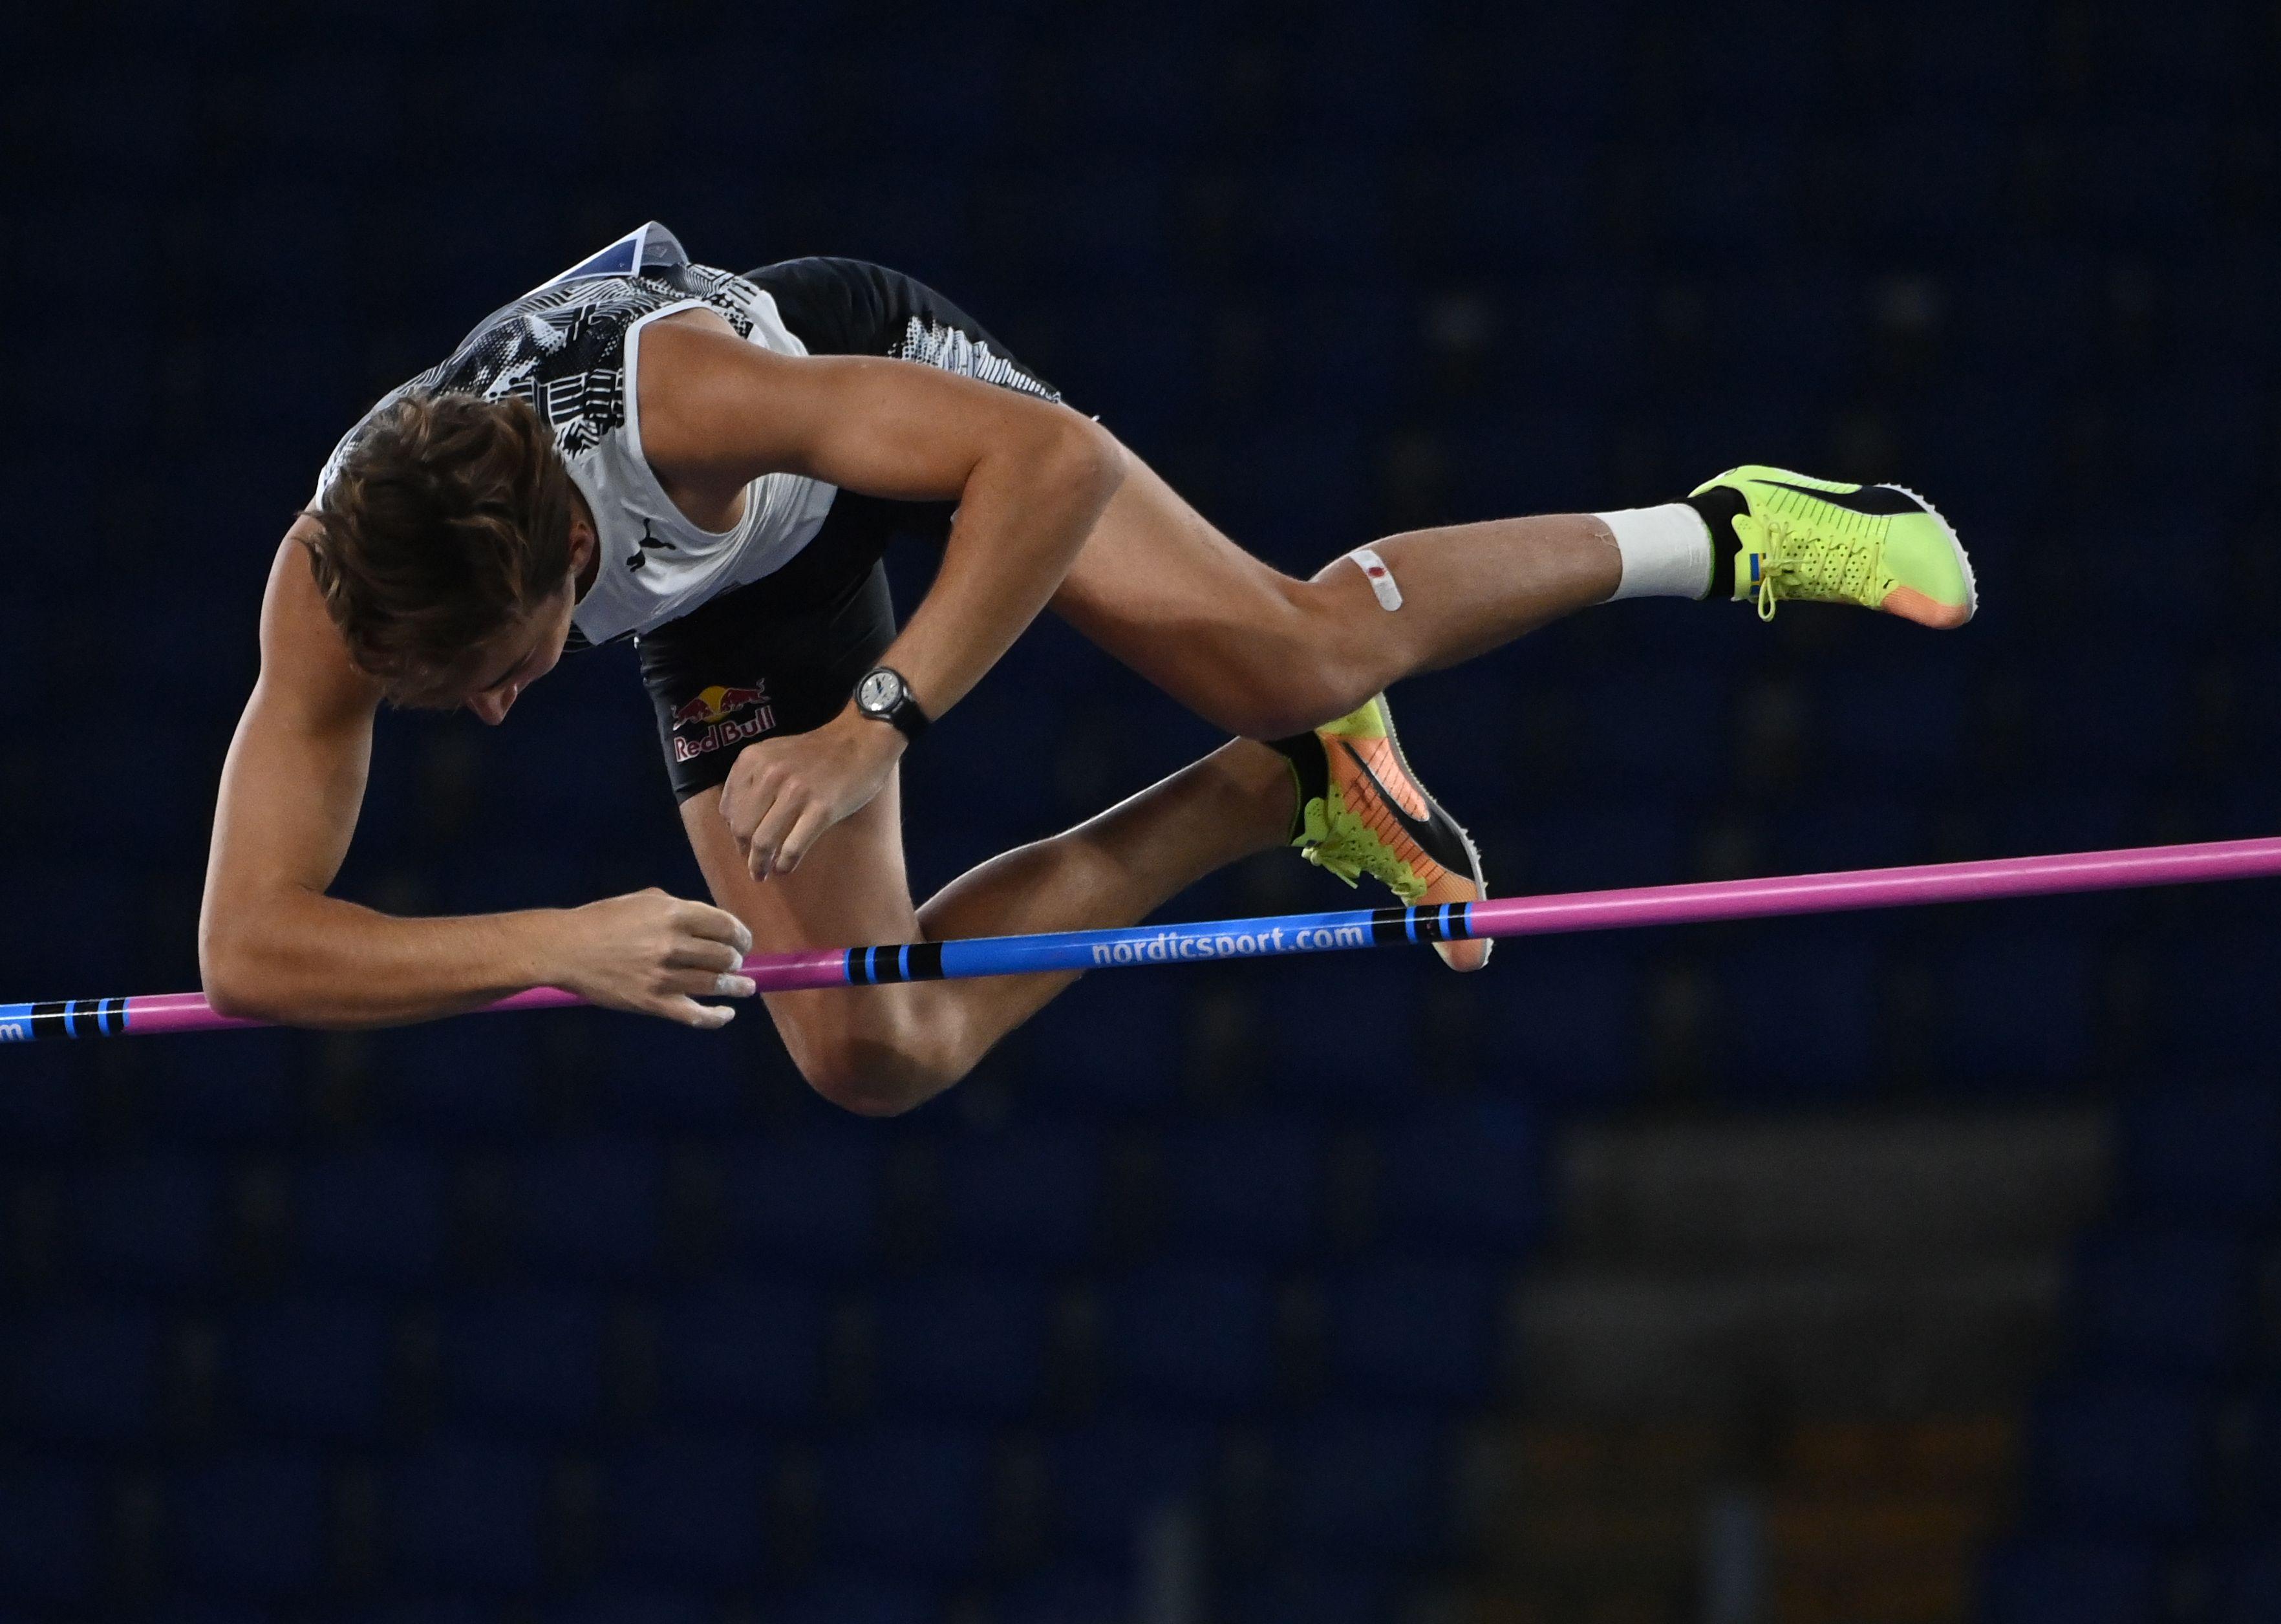 Athlétisme - Duplantis s'envole à 6,15 m en plein air, du jamais vu